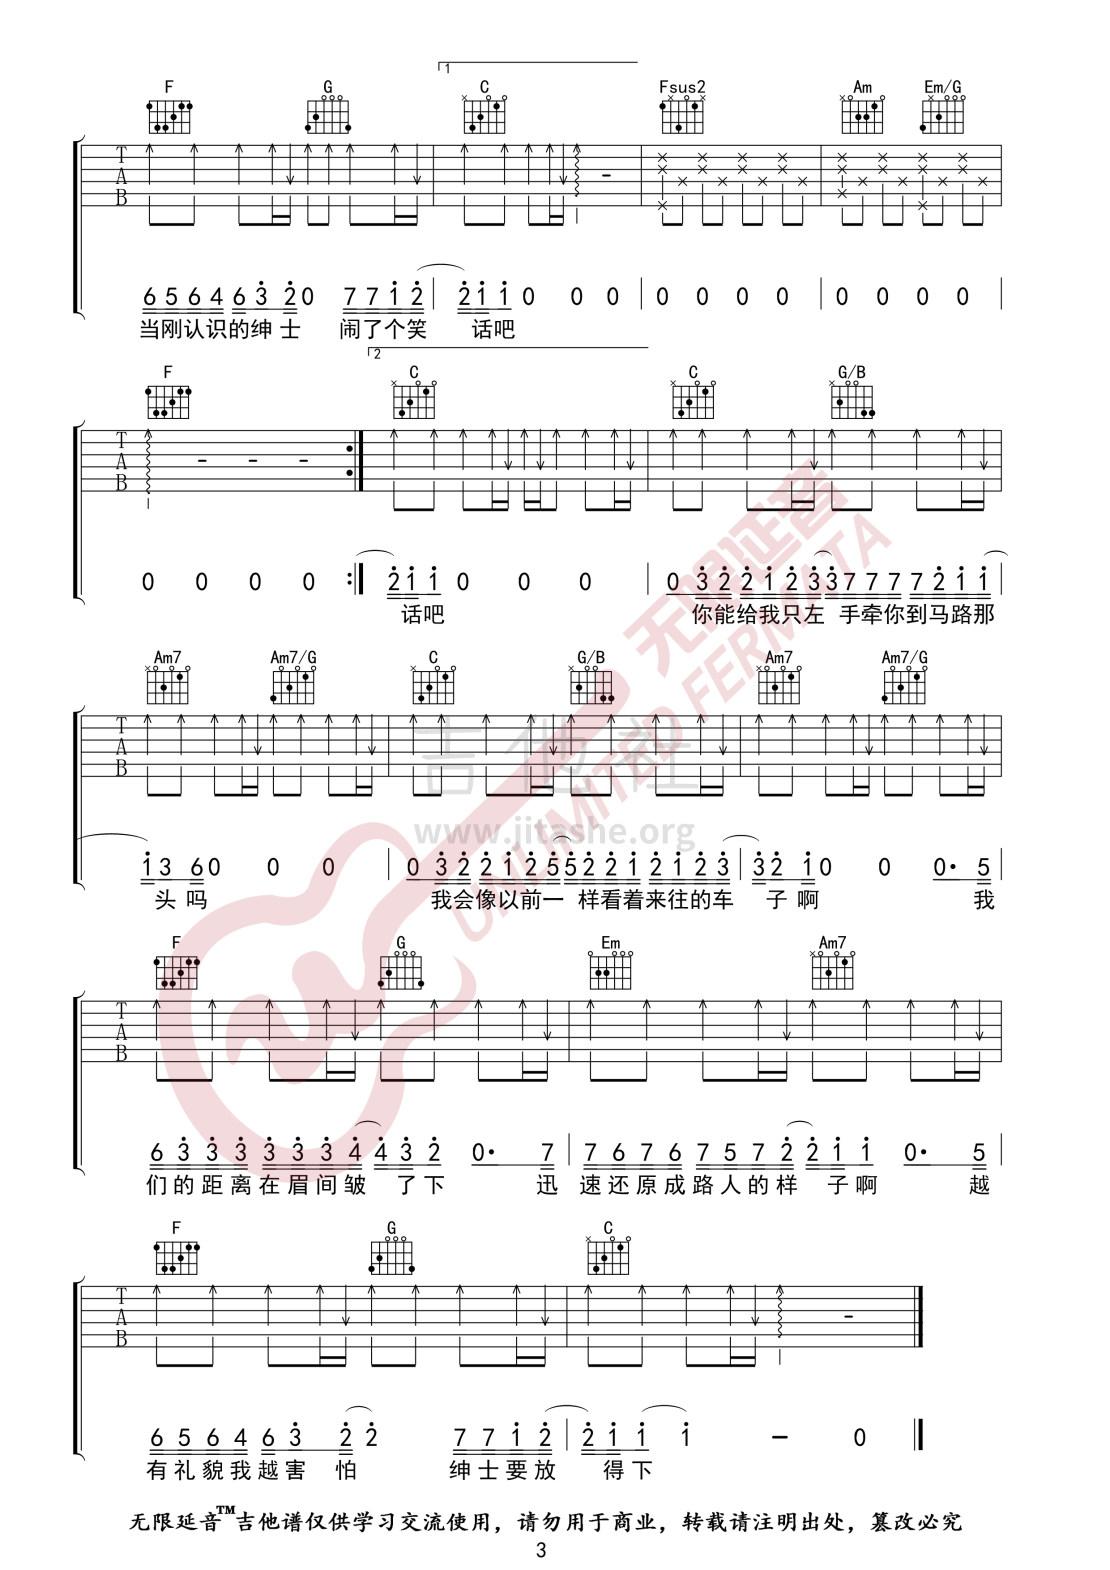 绅士(无限延音编配)吉他谱(图片谱,无限延音编配,弹唱)_薛之谦_绅士03.jpg